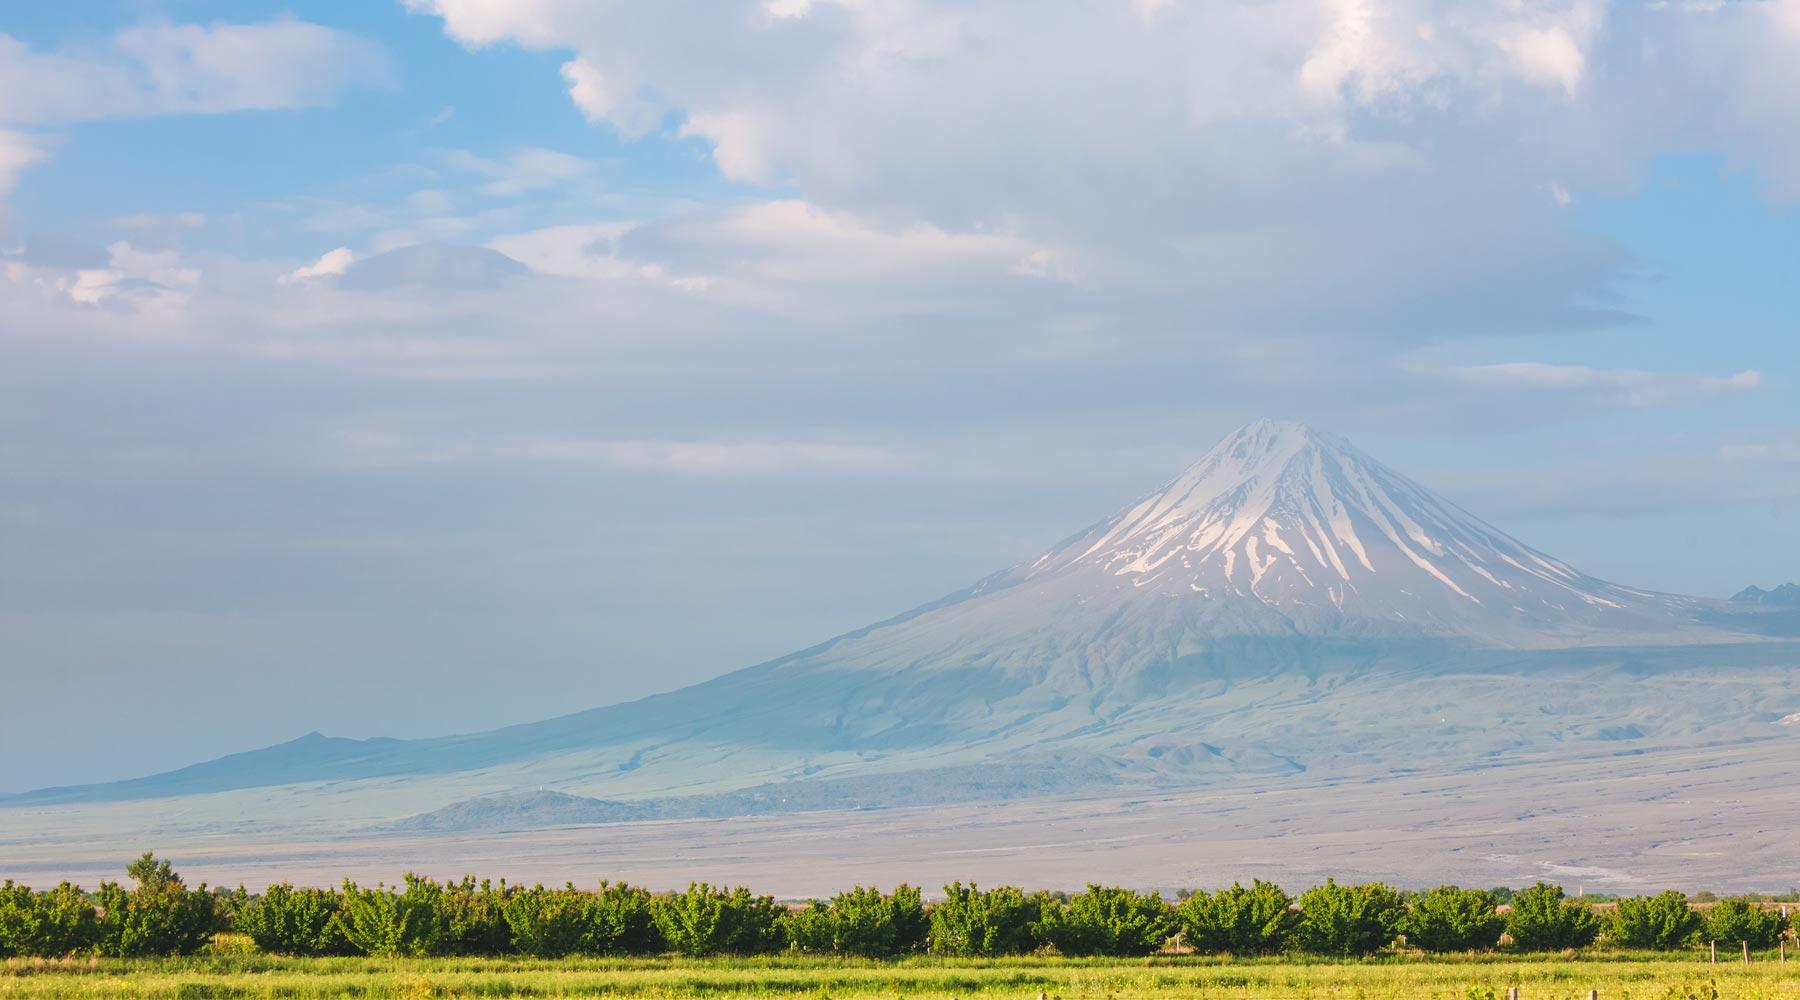 Mount Ararat – The Highest Mountain in Turkey